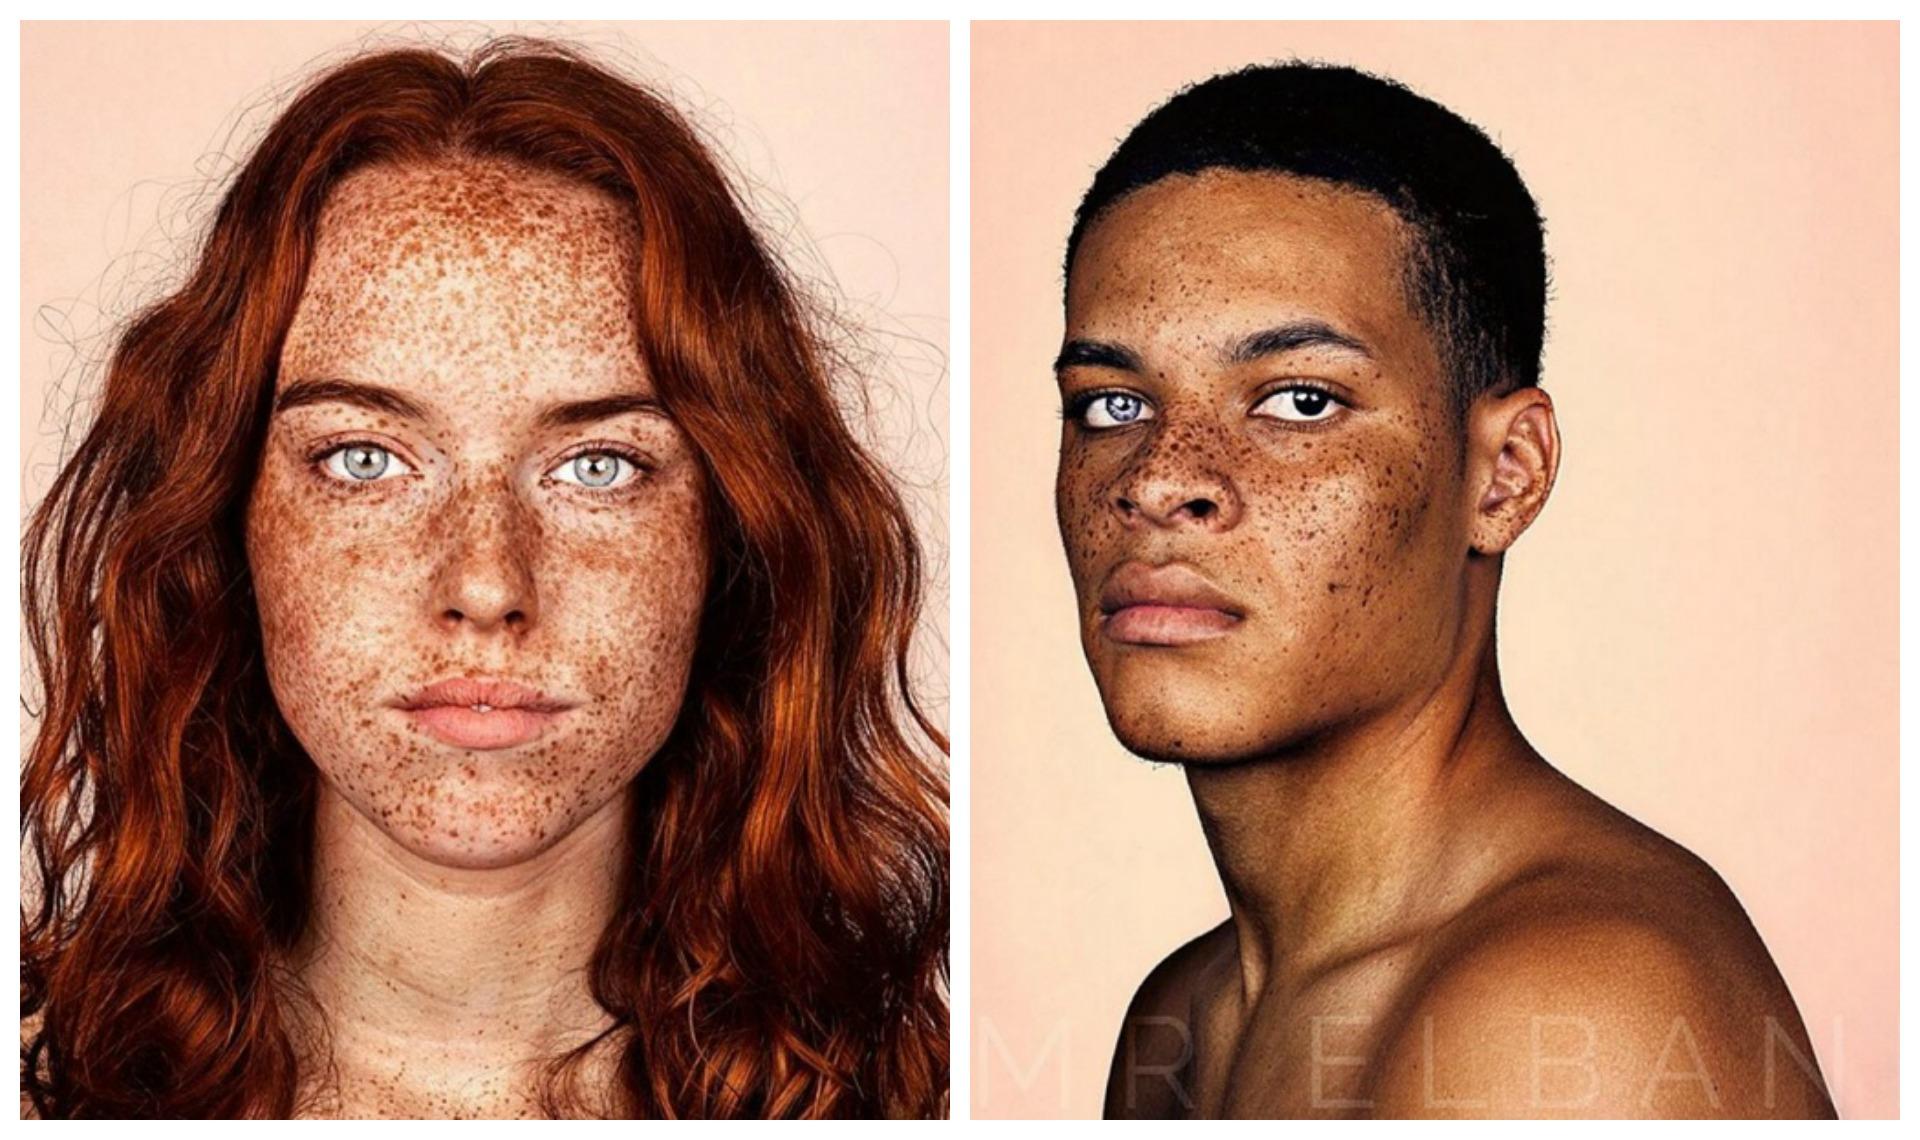 Les signes du vieillissement de la peau la pigmentation